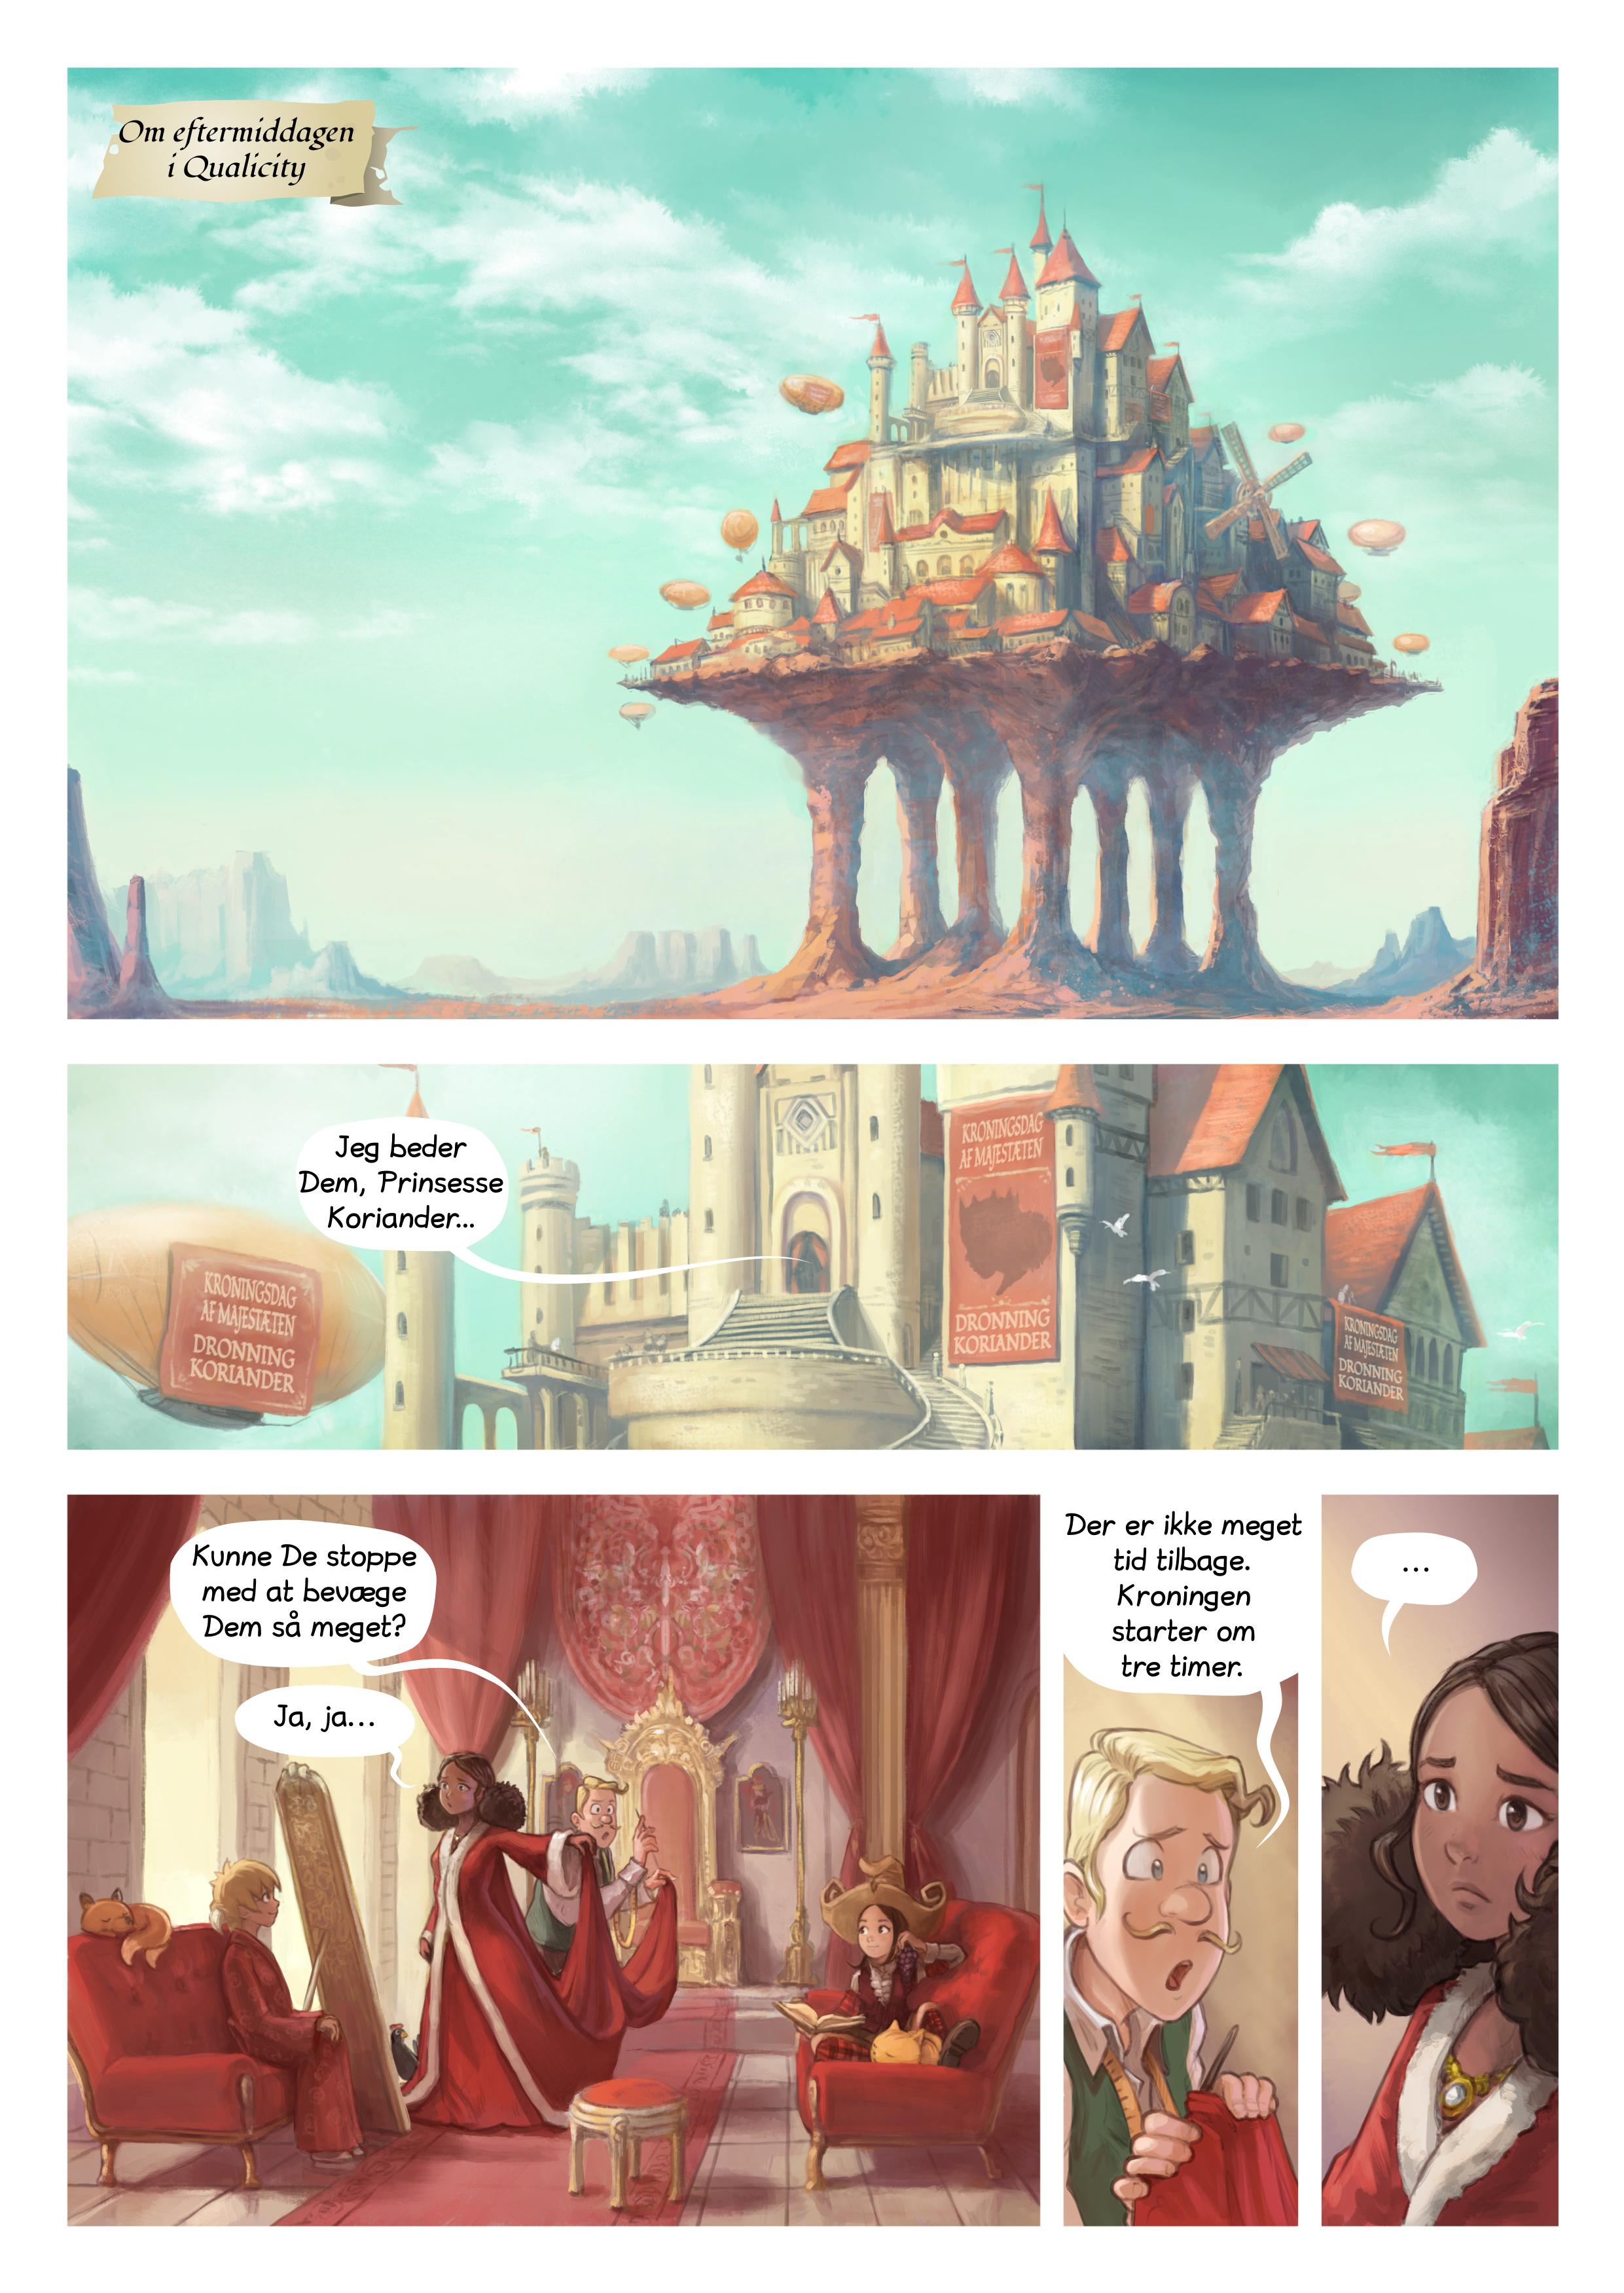 Episode 27: Korianders opfindelse, Page 1